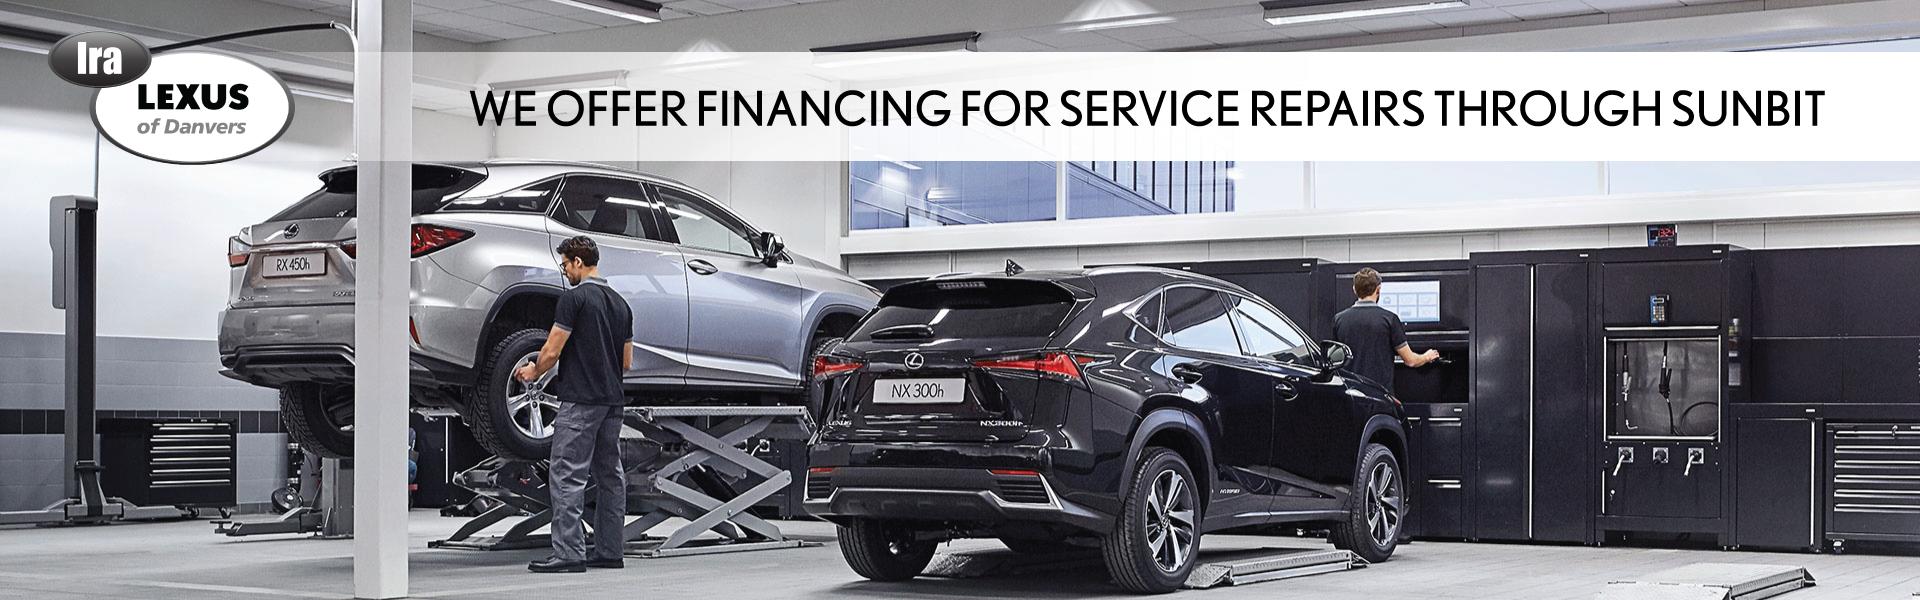 service-financing_lexus-danvers